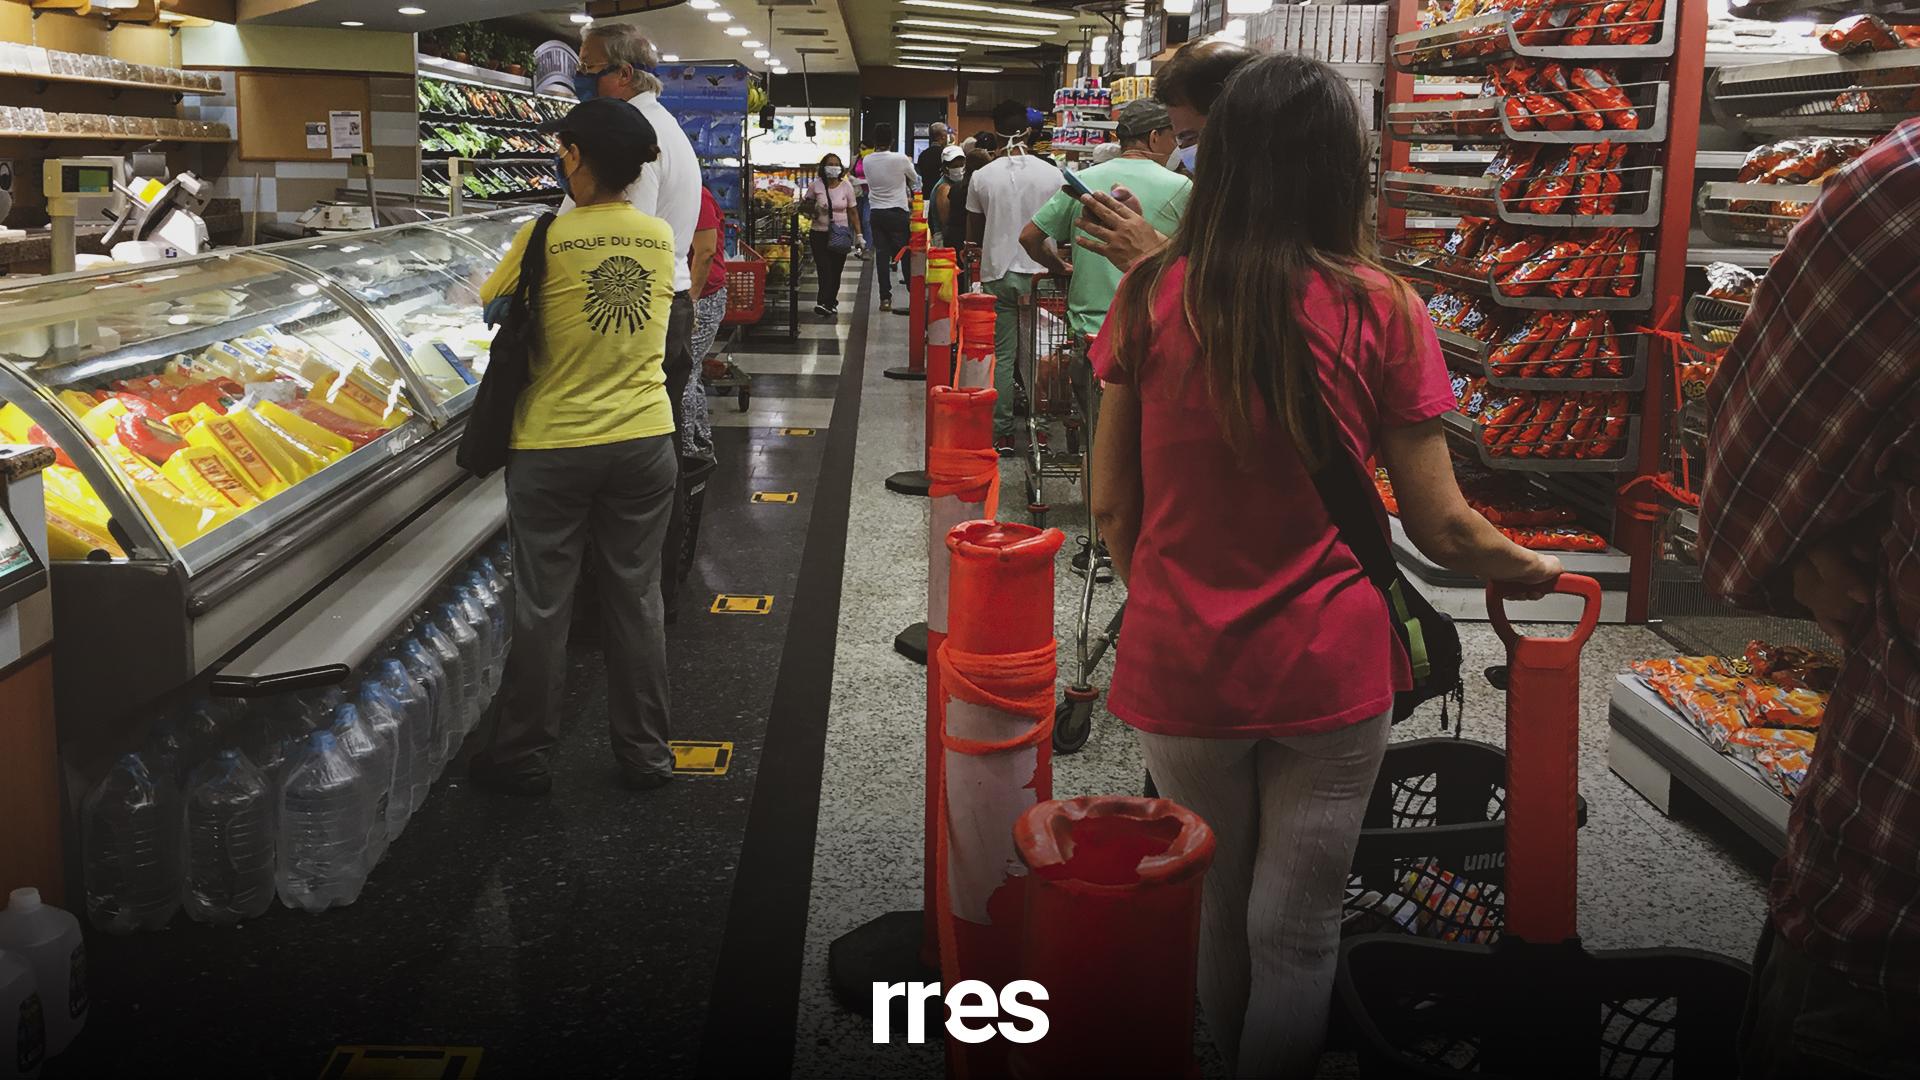 No hay sueldo que aguante: Entre  $74 y $97 cuesta un mercado mensual con los productos regulados por el gobierno